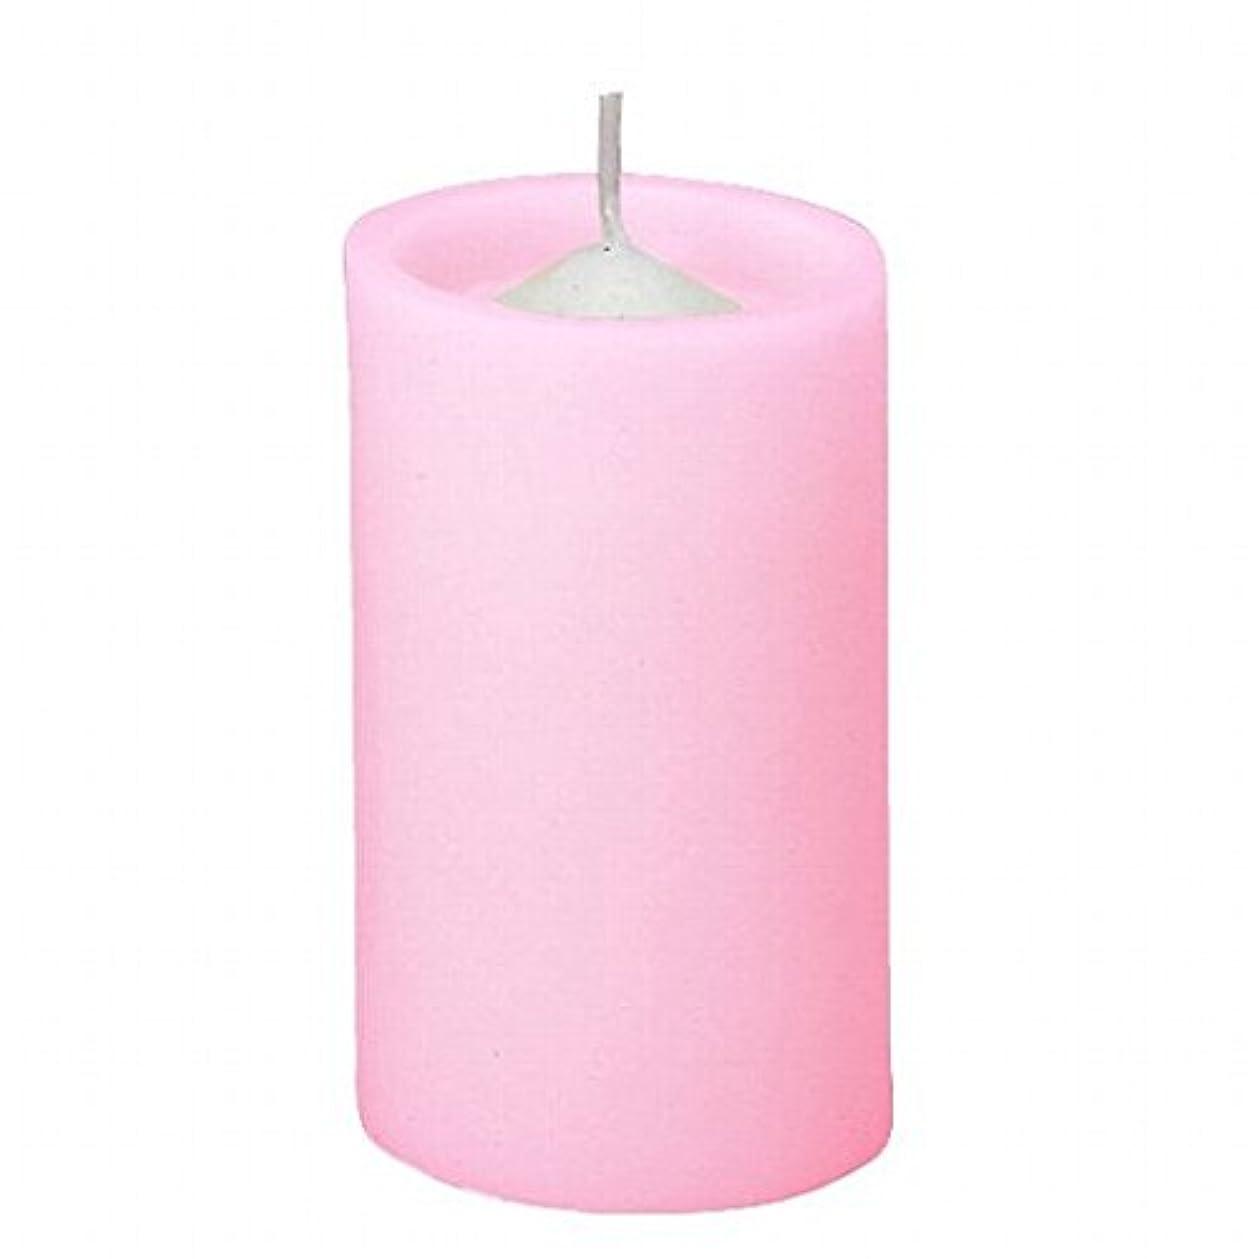 血色の良いメディア地中海ヤンキーキャンドル(YANKEE CANDLE) ロイヤルラウンド 50 「 ピンク 」